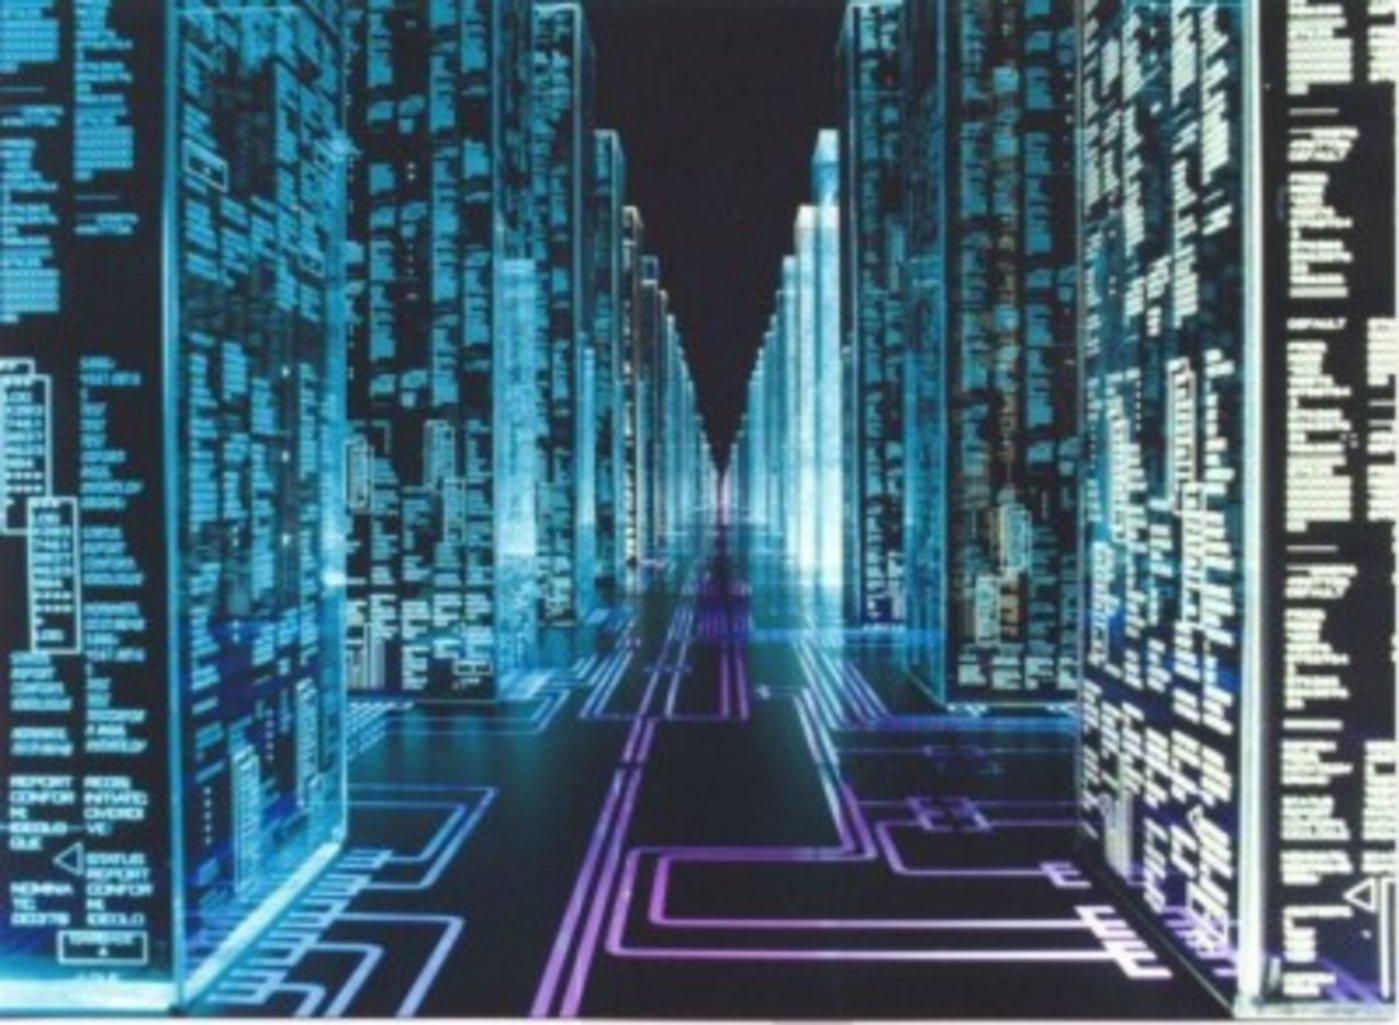 赛博空间里的中美暗战:网络不是乌托邦